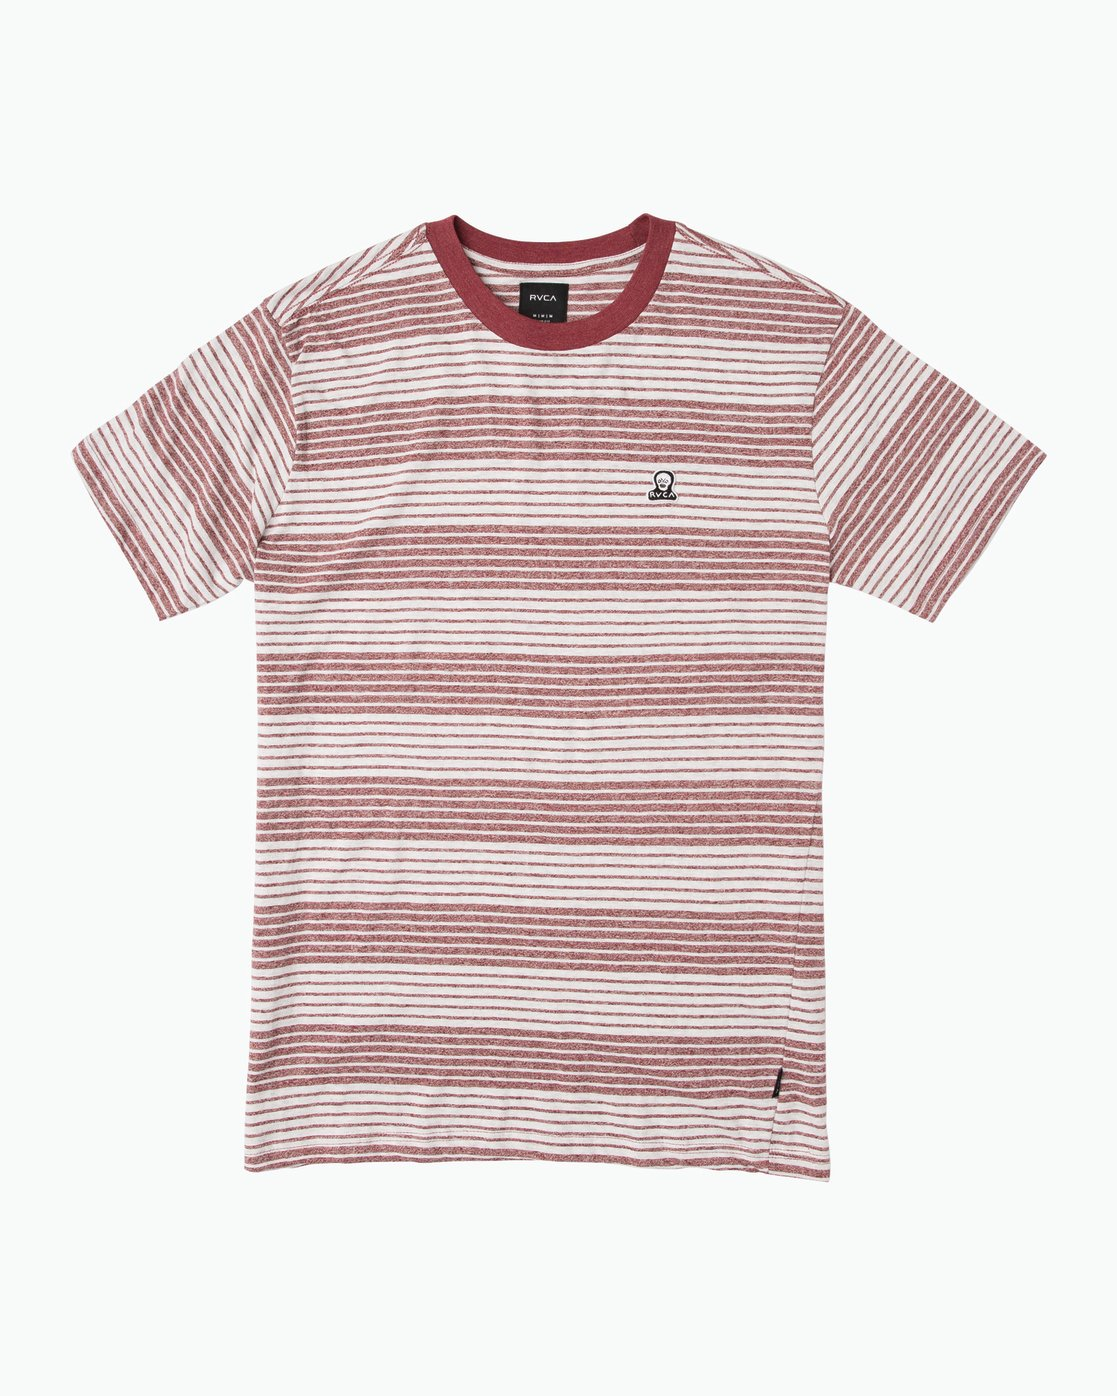 0 Longsight Striped T-Shirt Red M904SRLS RVCA